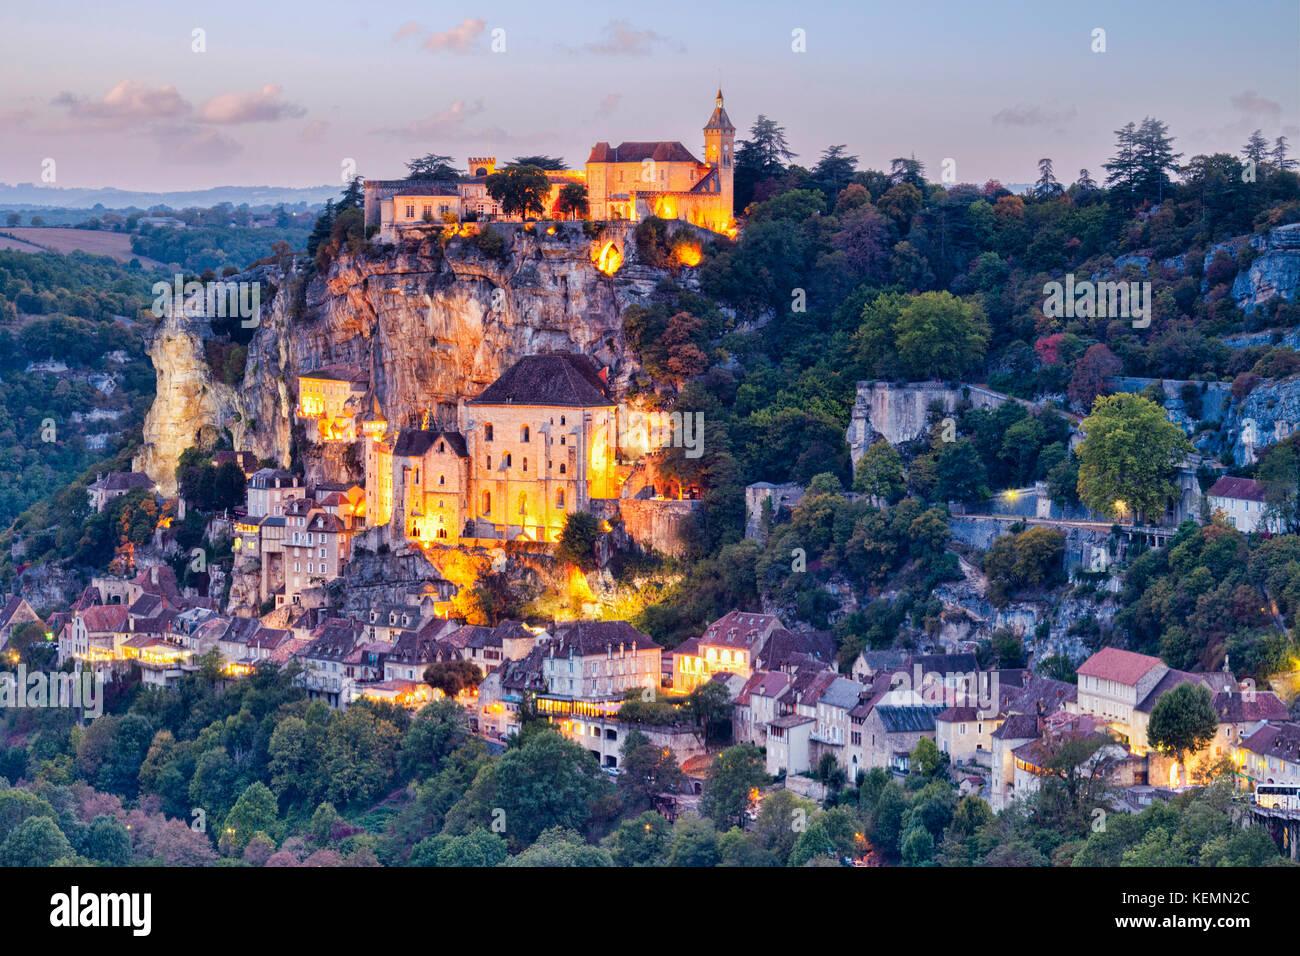 Twilight presso la città medievale di Rocamadour, nella valle della Dordogna, midi-Pyrenees, Francia. Immagini Stock